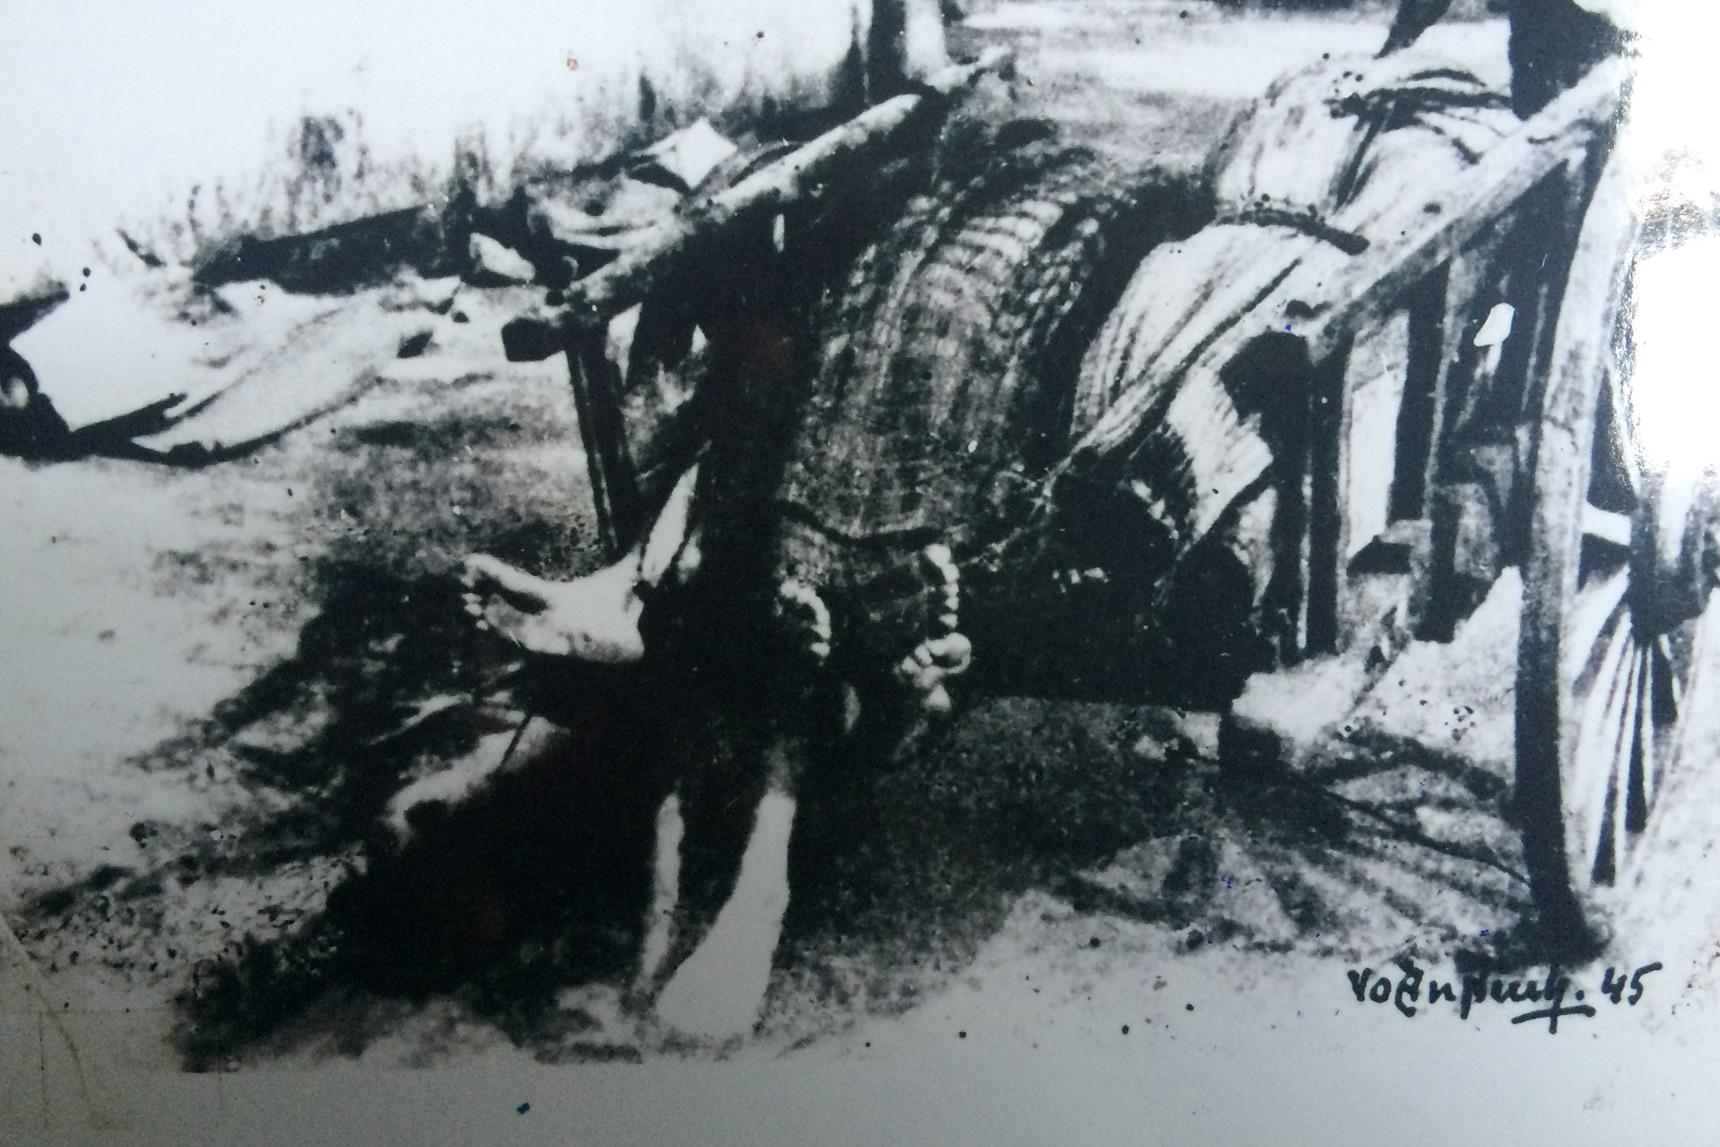 Nạn đói năm 1945: Cơn ác mộng lịch sử của dân tộc Việt Nam